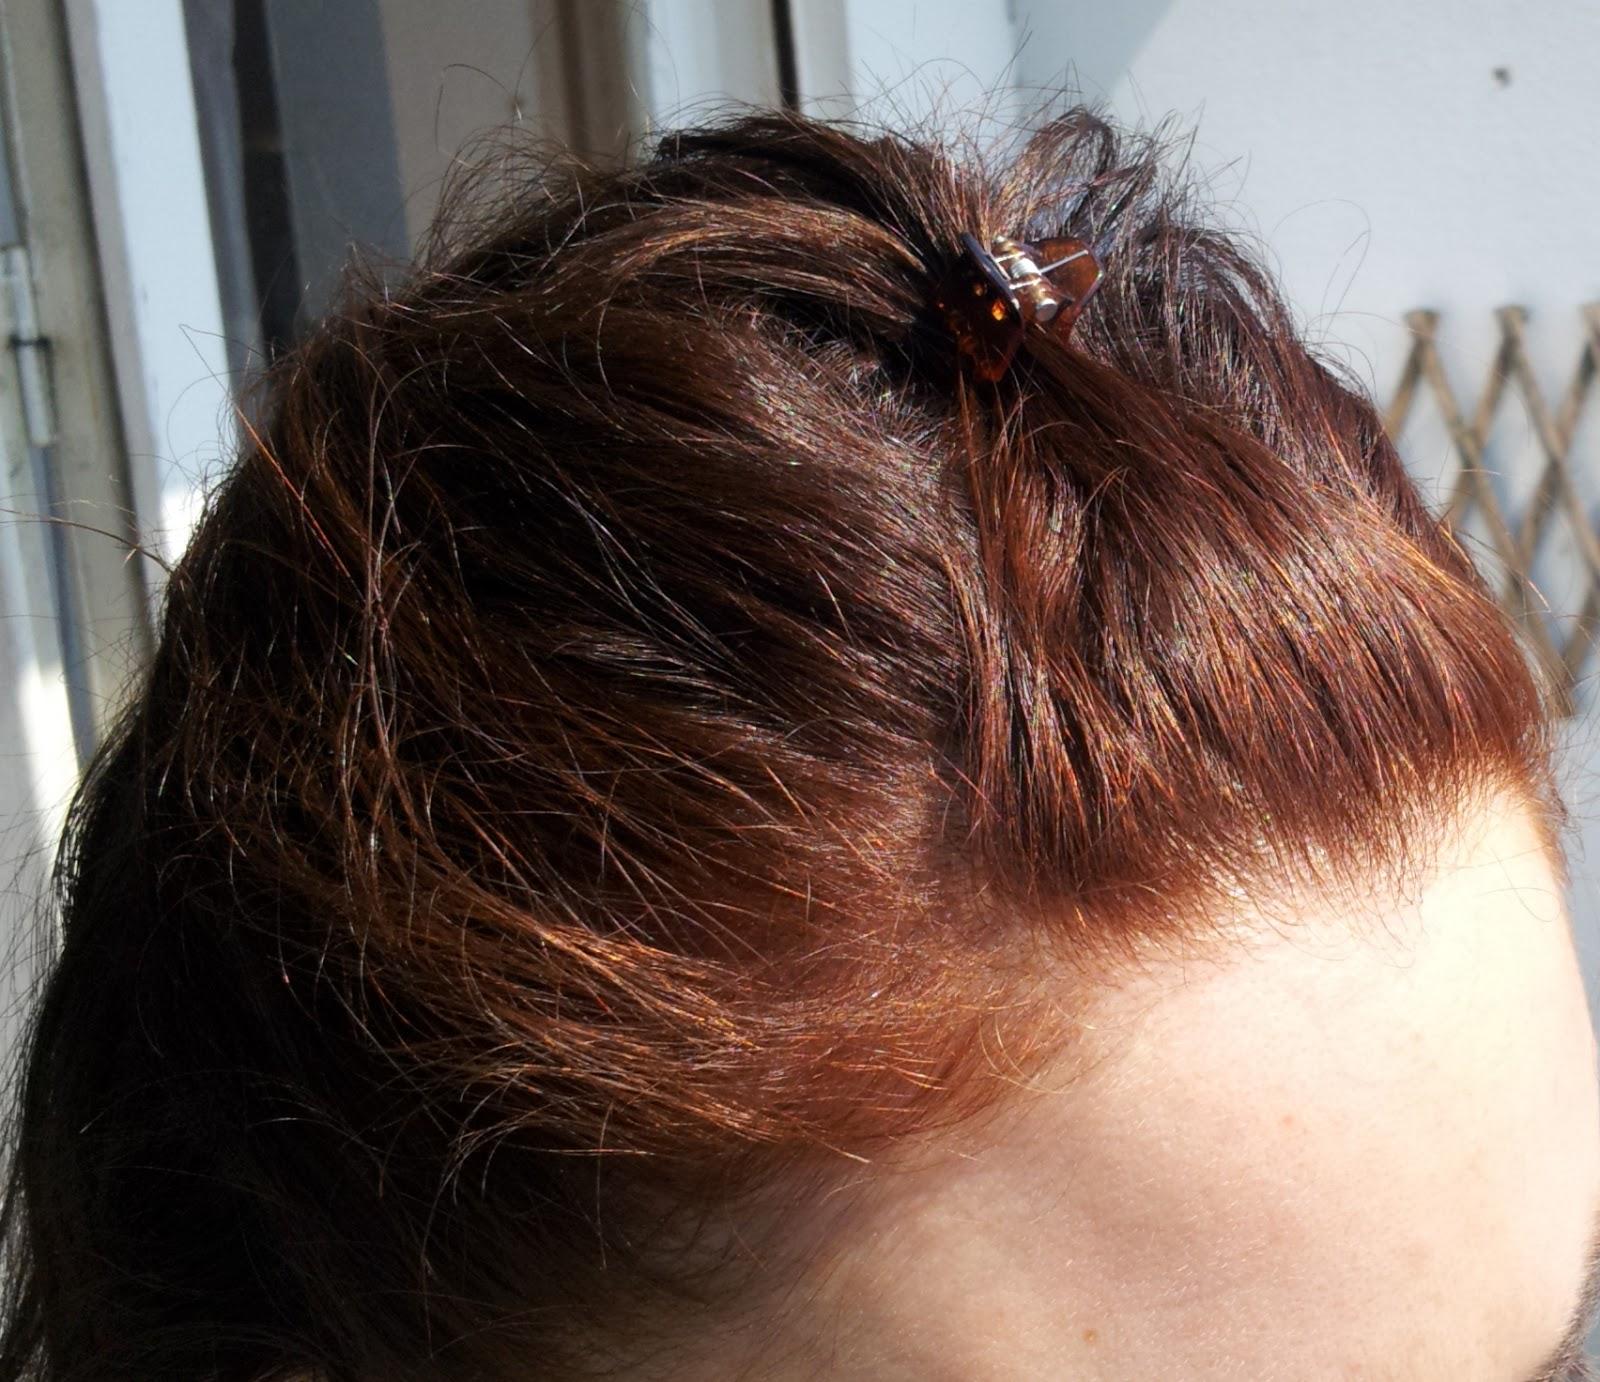 couleur de mes petits cheveux aprs le henn - Coloration Cheveux Henn